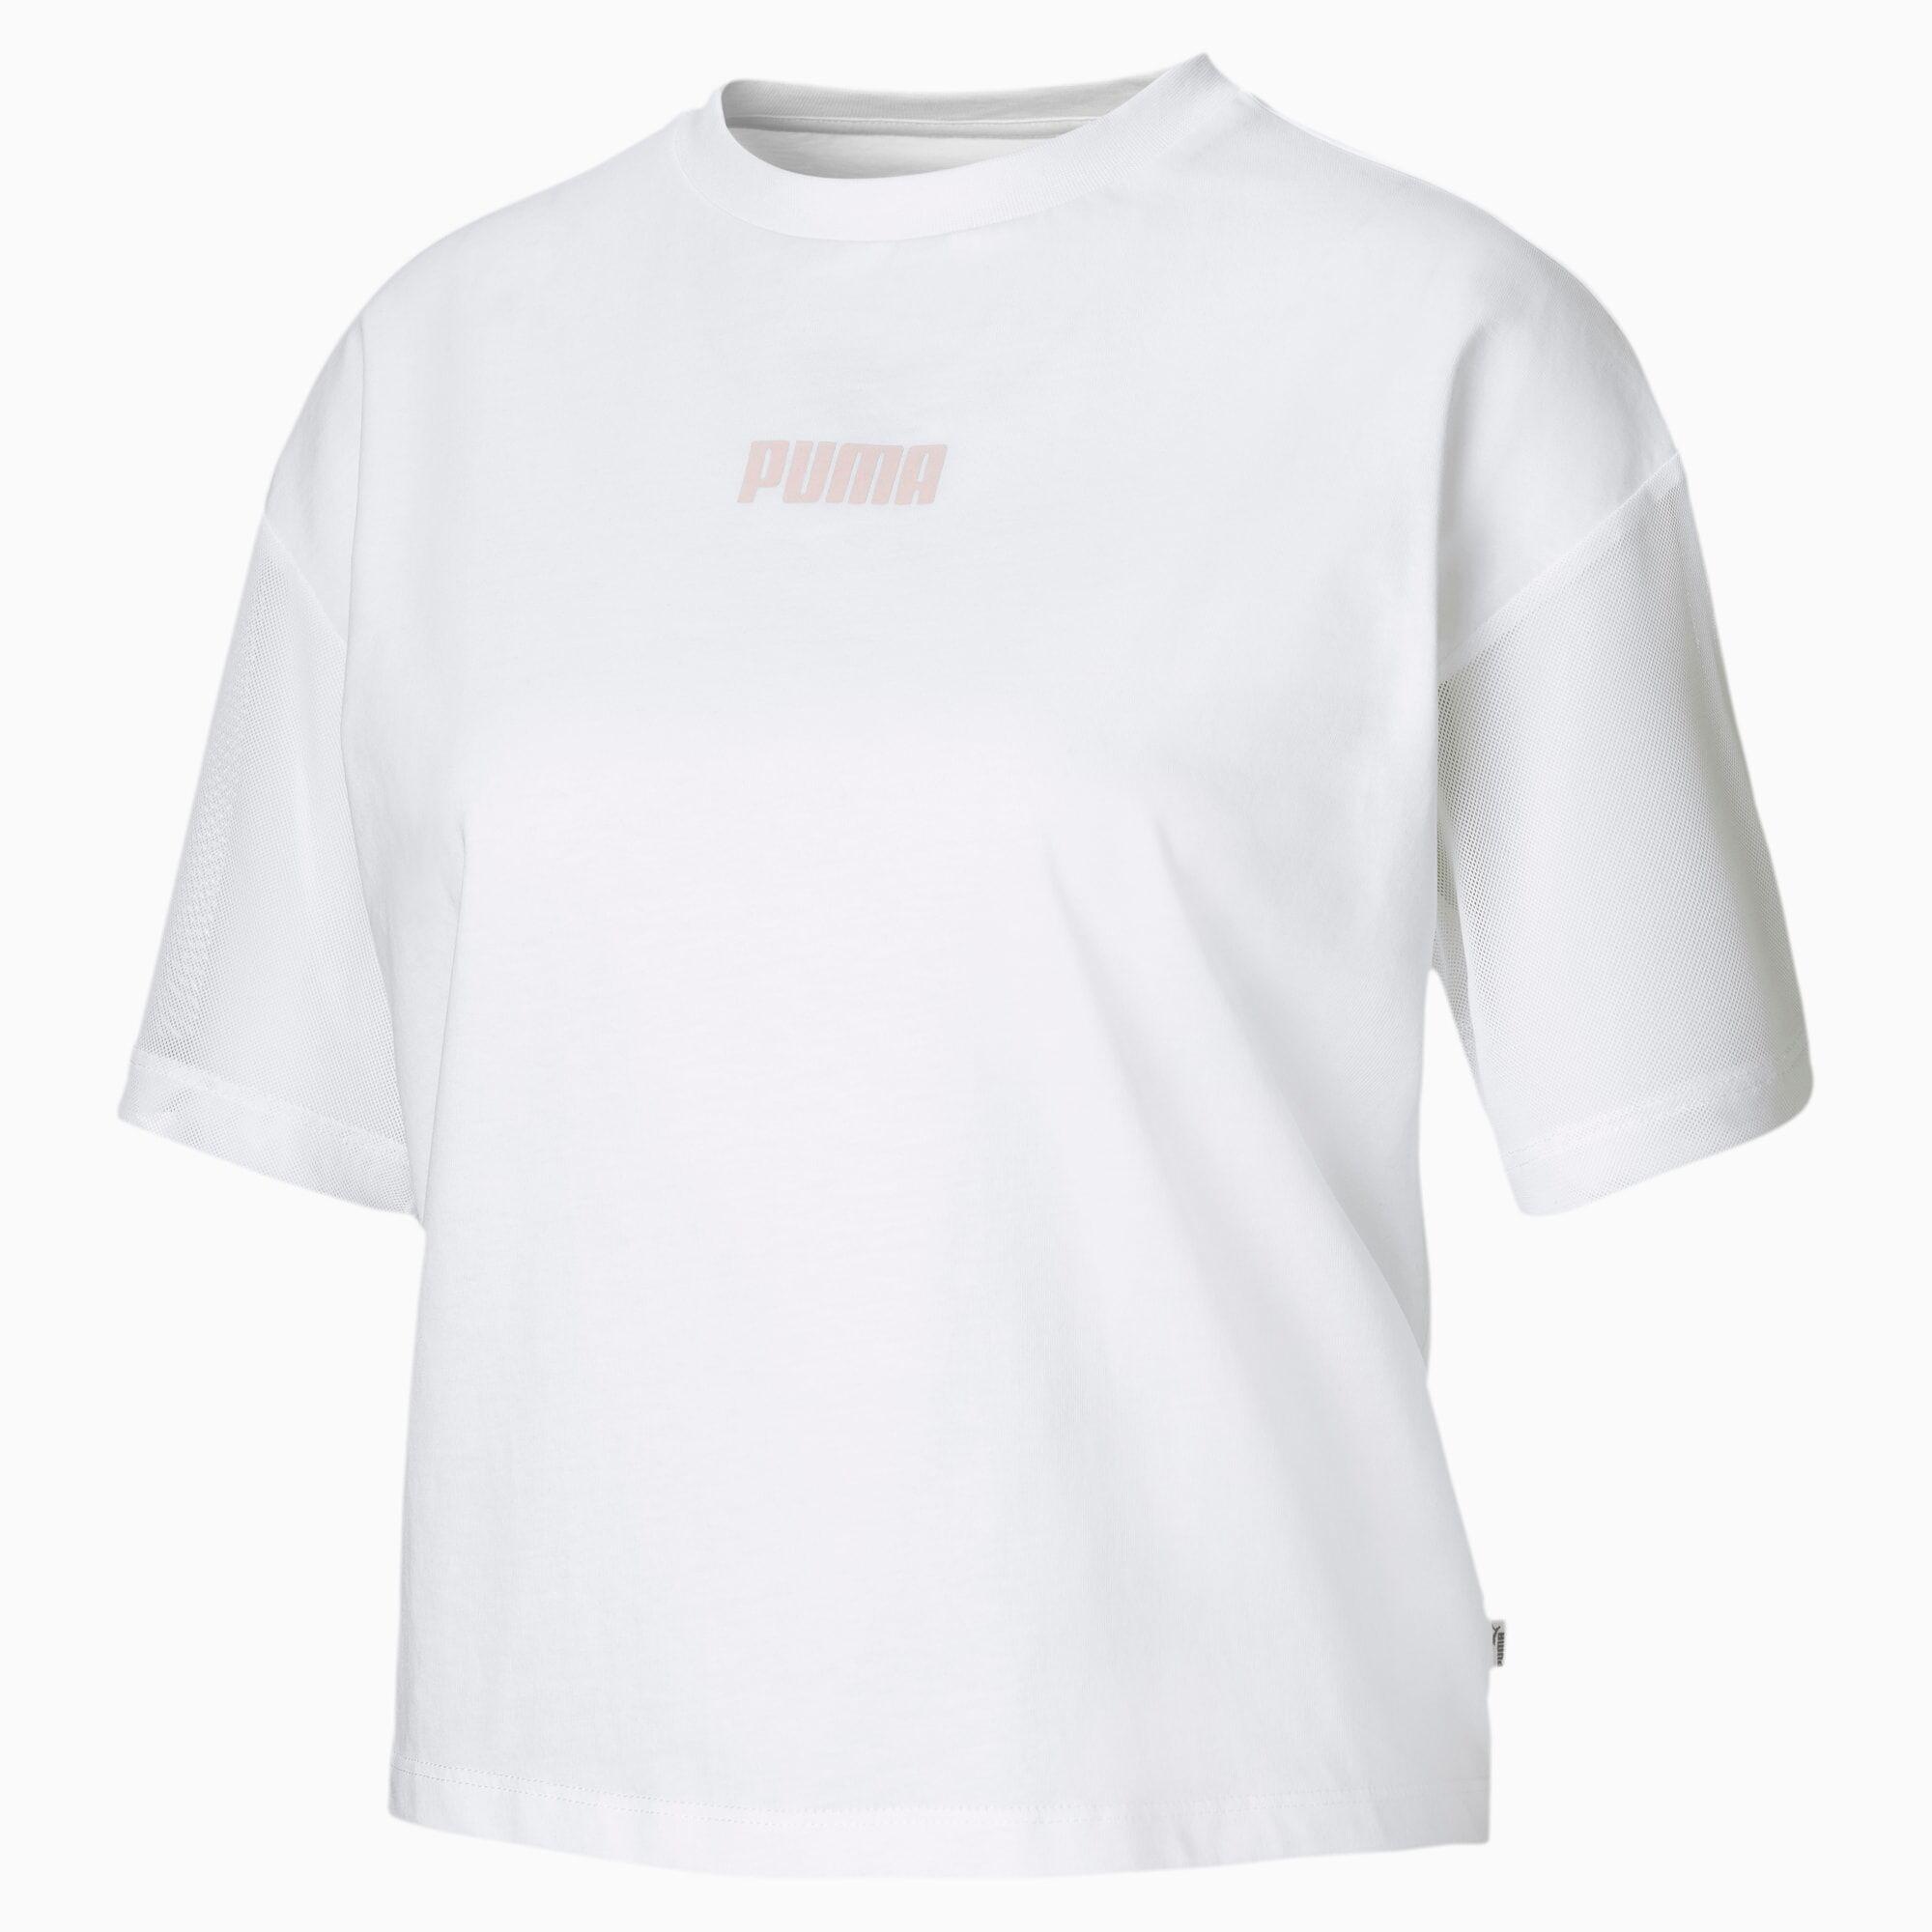 PUMA T-Shirt Mesh pour Femme, Blanc, Taille M, Vêtements